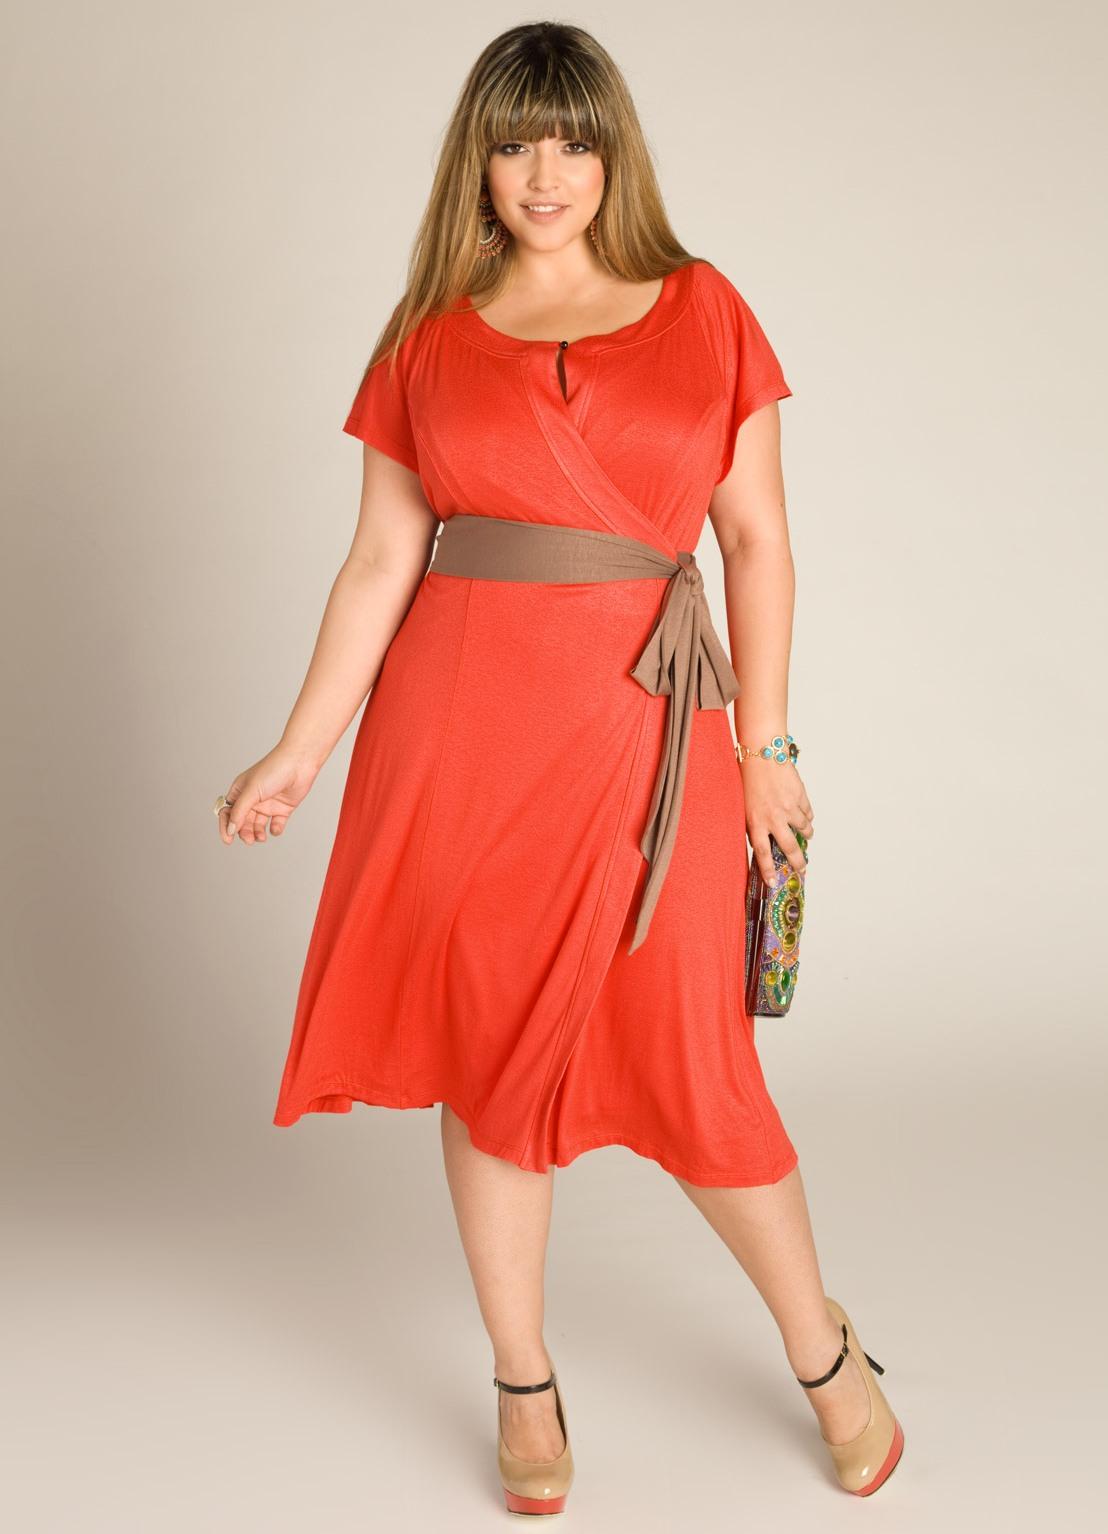 Одежда Для Полных Женщин В Возрасте